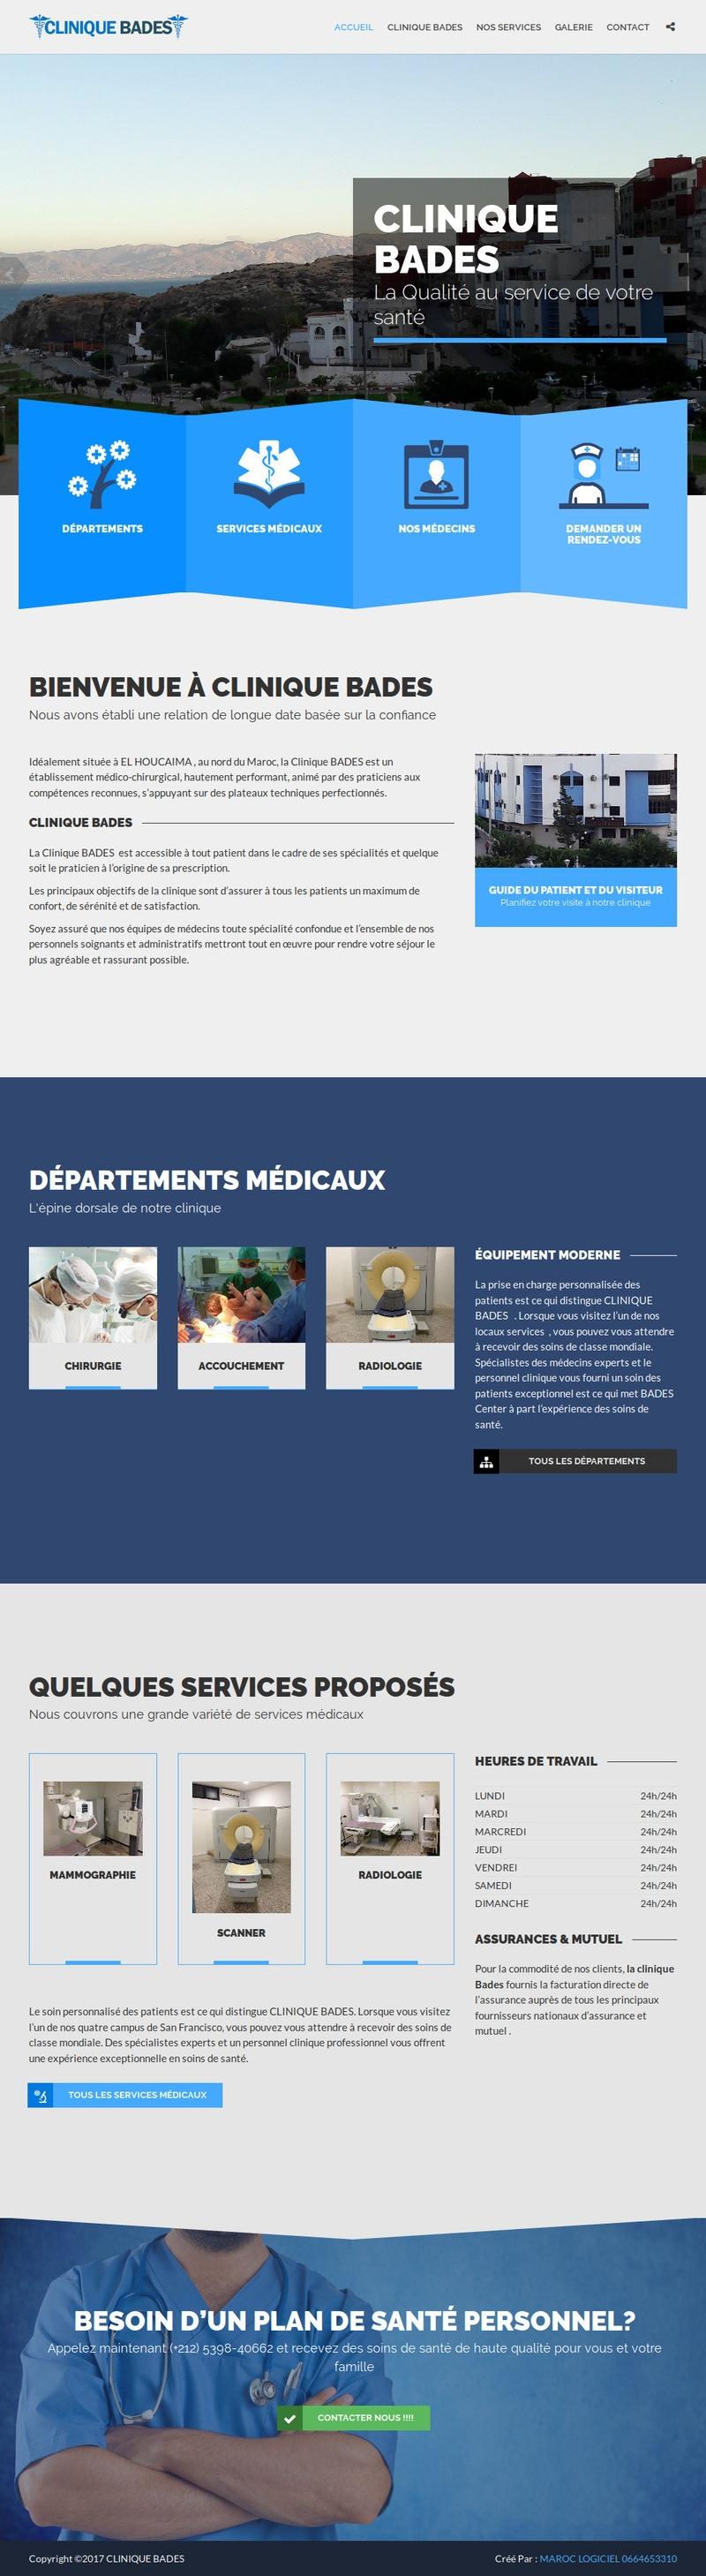 creation site web maroc lider caro clinique nord